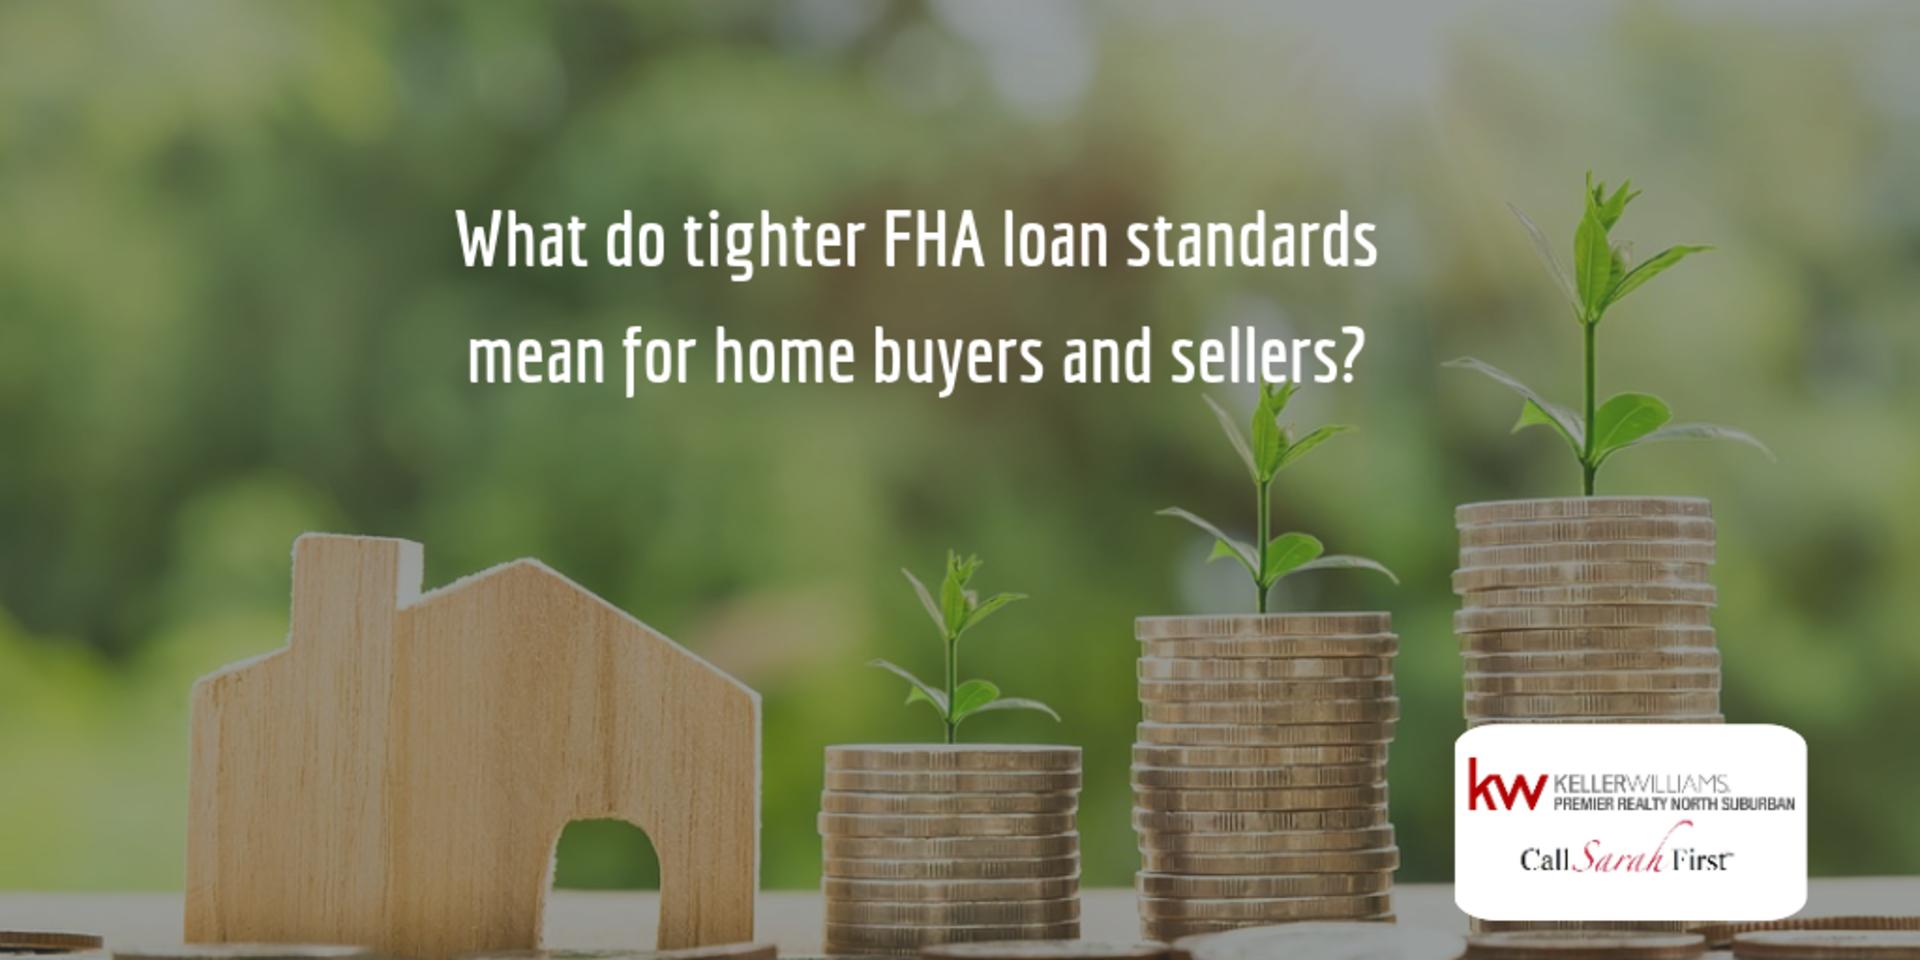 FHA is Tightening Loan Standards